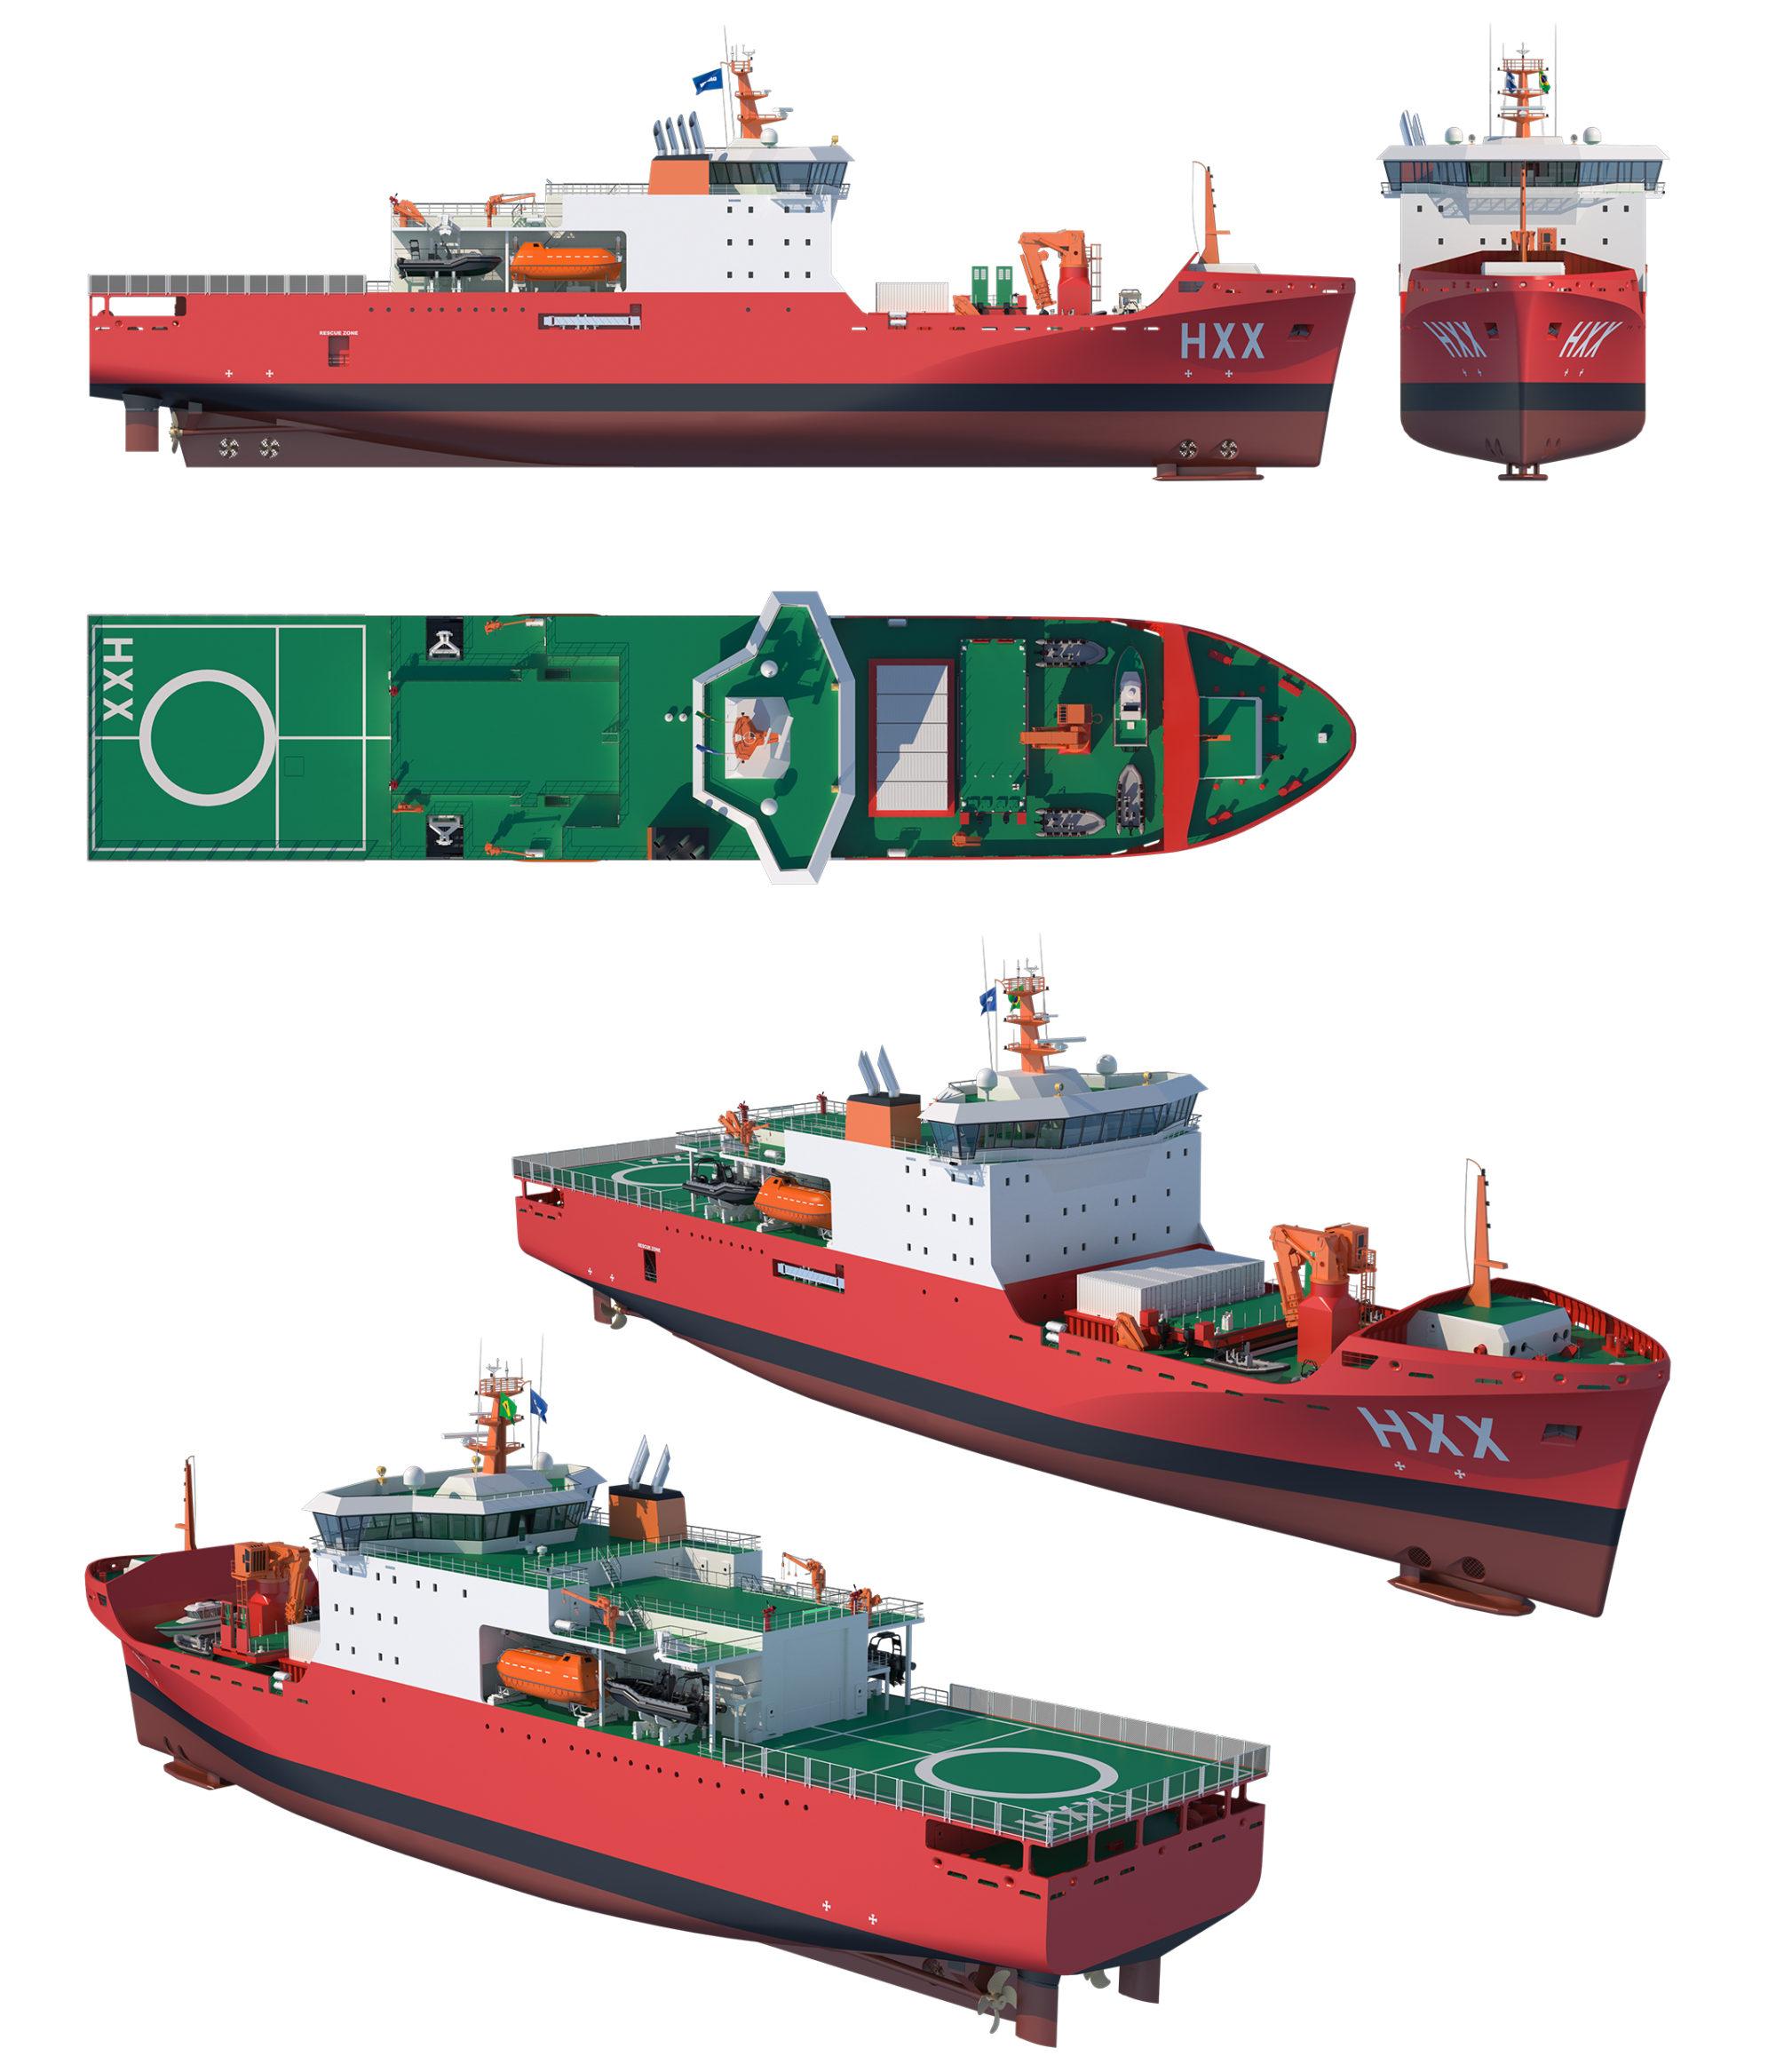 Concepção do Navio de Apoio Antártico